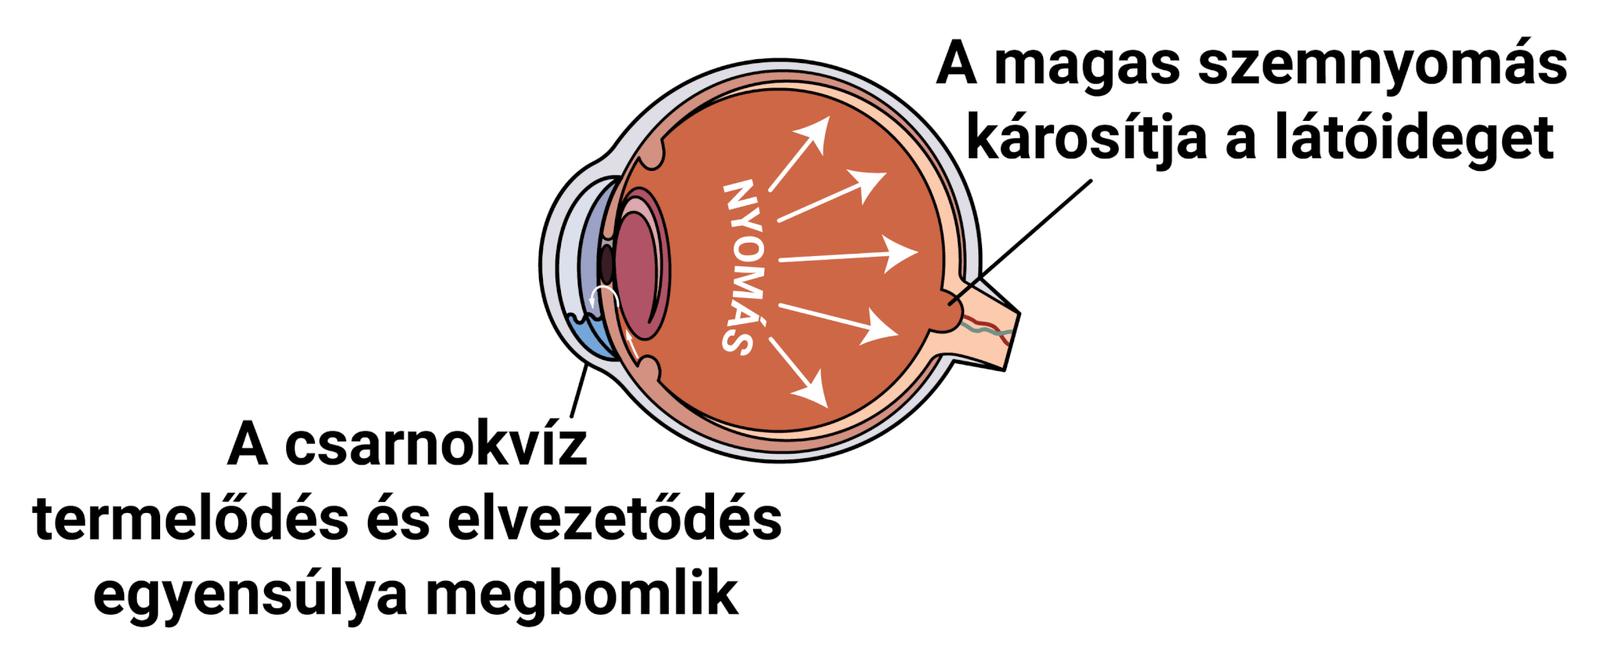 glaukóma műtét és magas vérnyomás